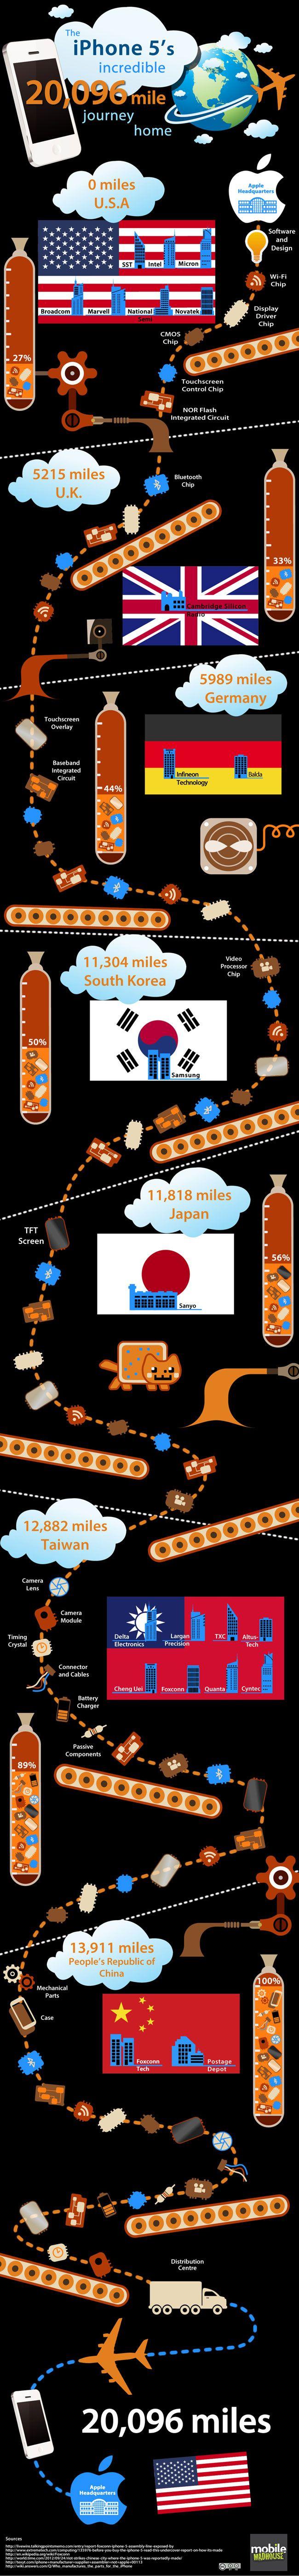 El viaje de iPhone 5 hasta el hogar del usuario final: 32.341 km 29